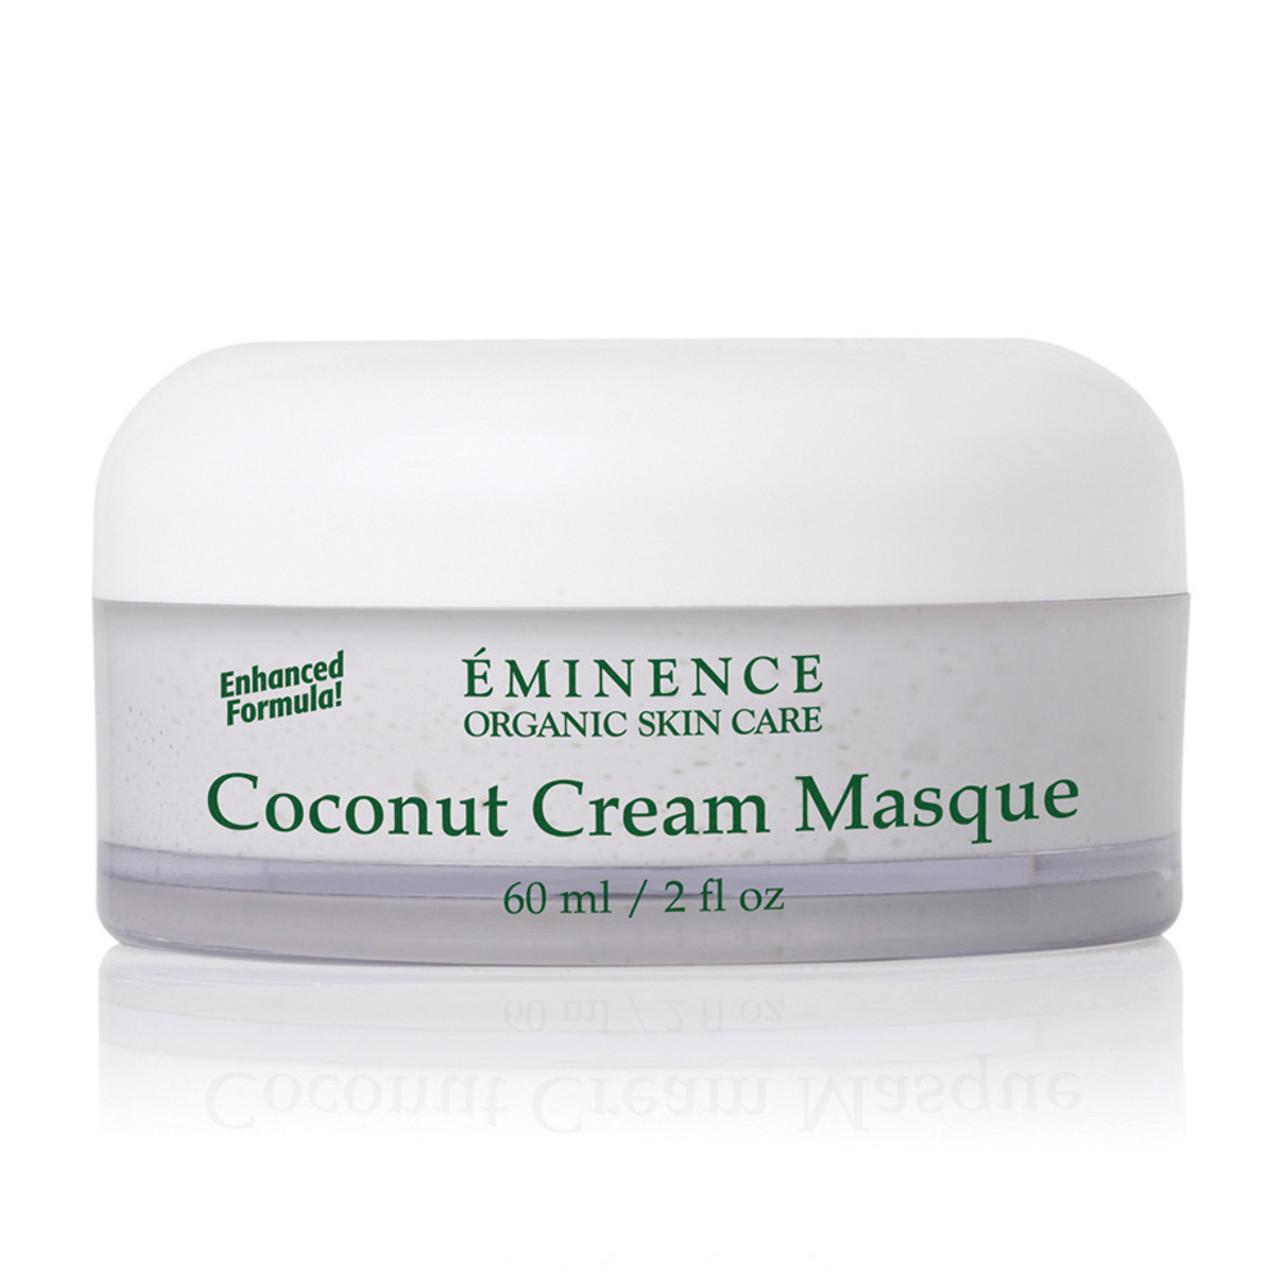 Eminence Coconut Cream Masque BeautifiedYou.com